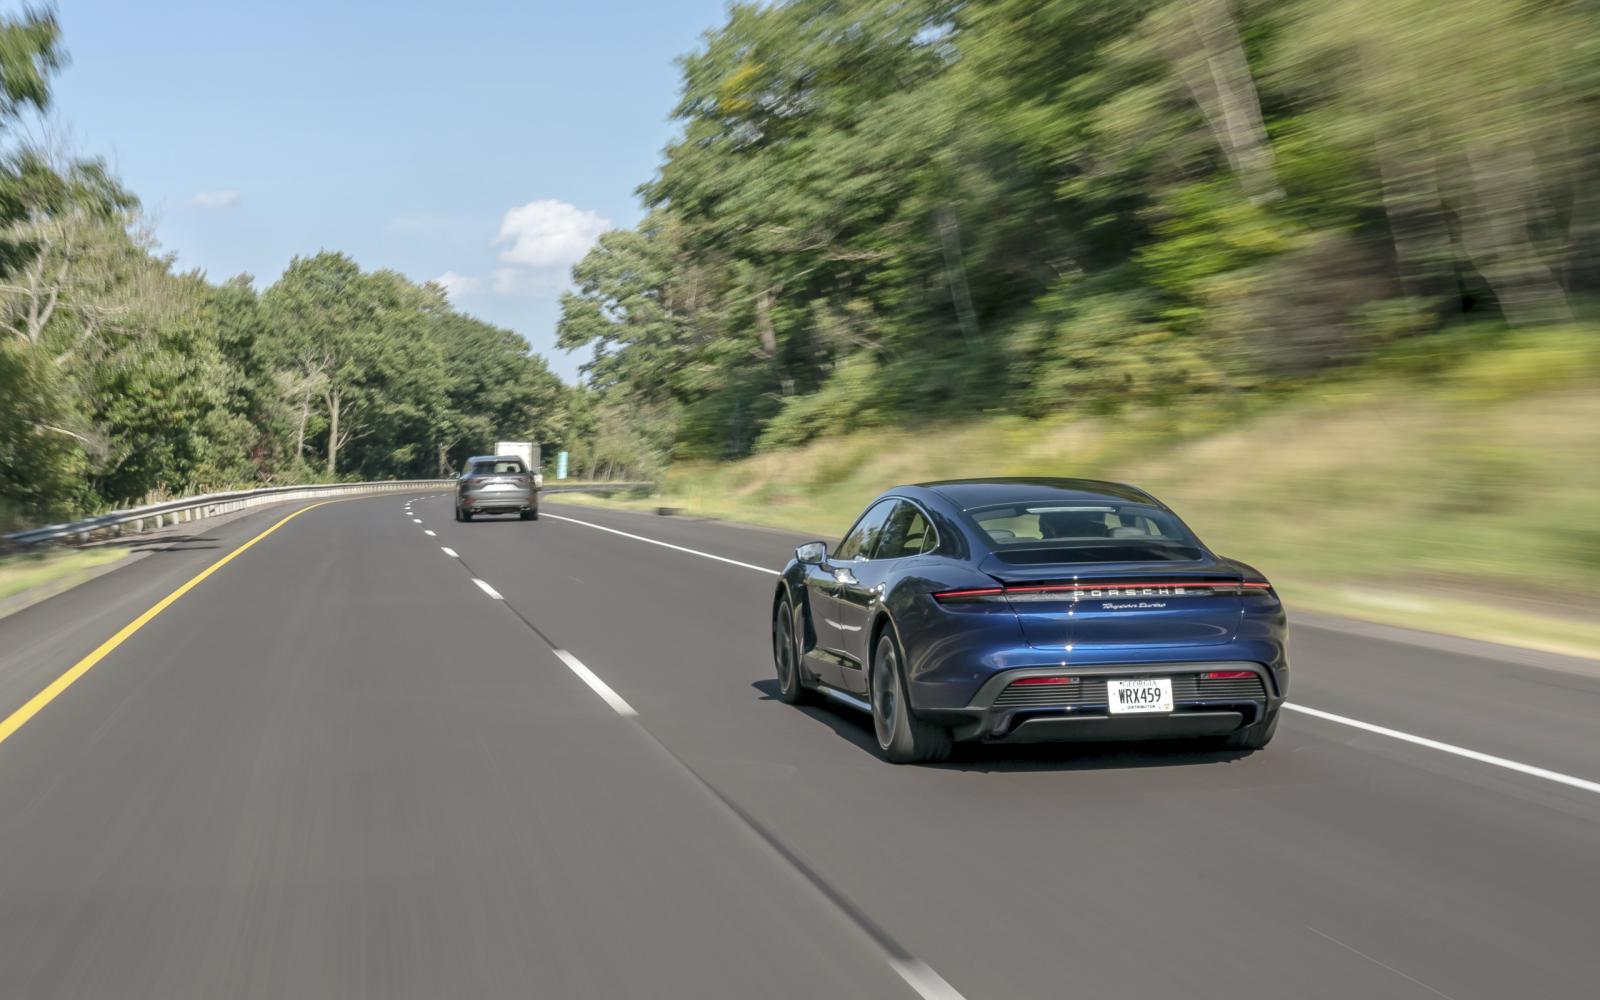 De Porsche Taycan raakt ons in het liefhebbershart